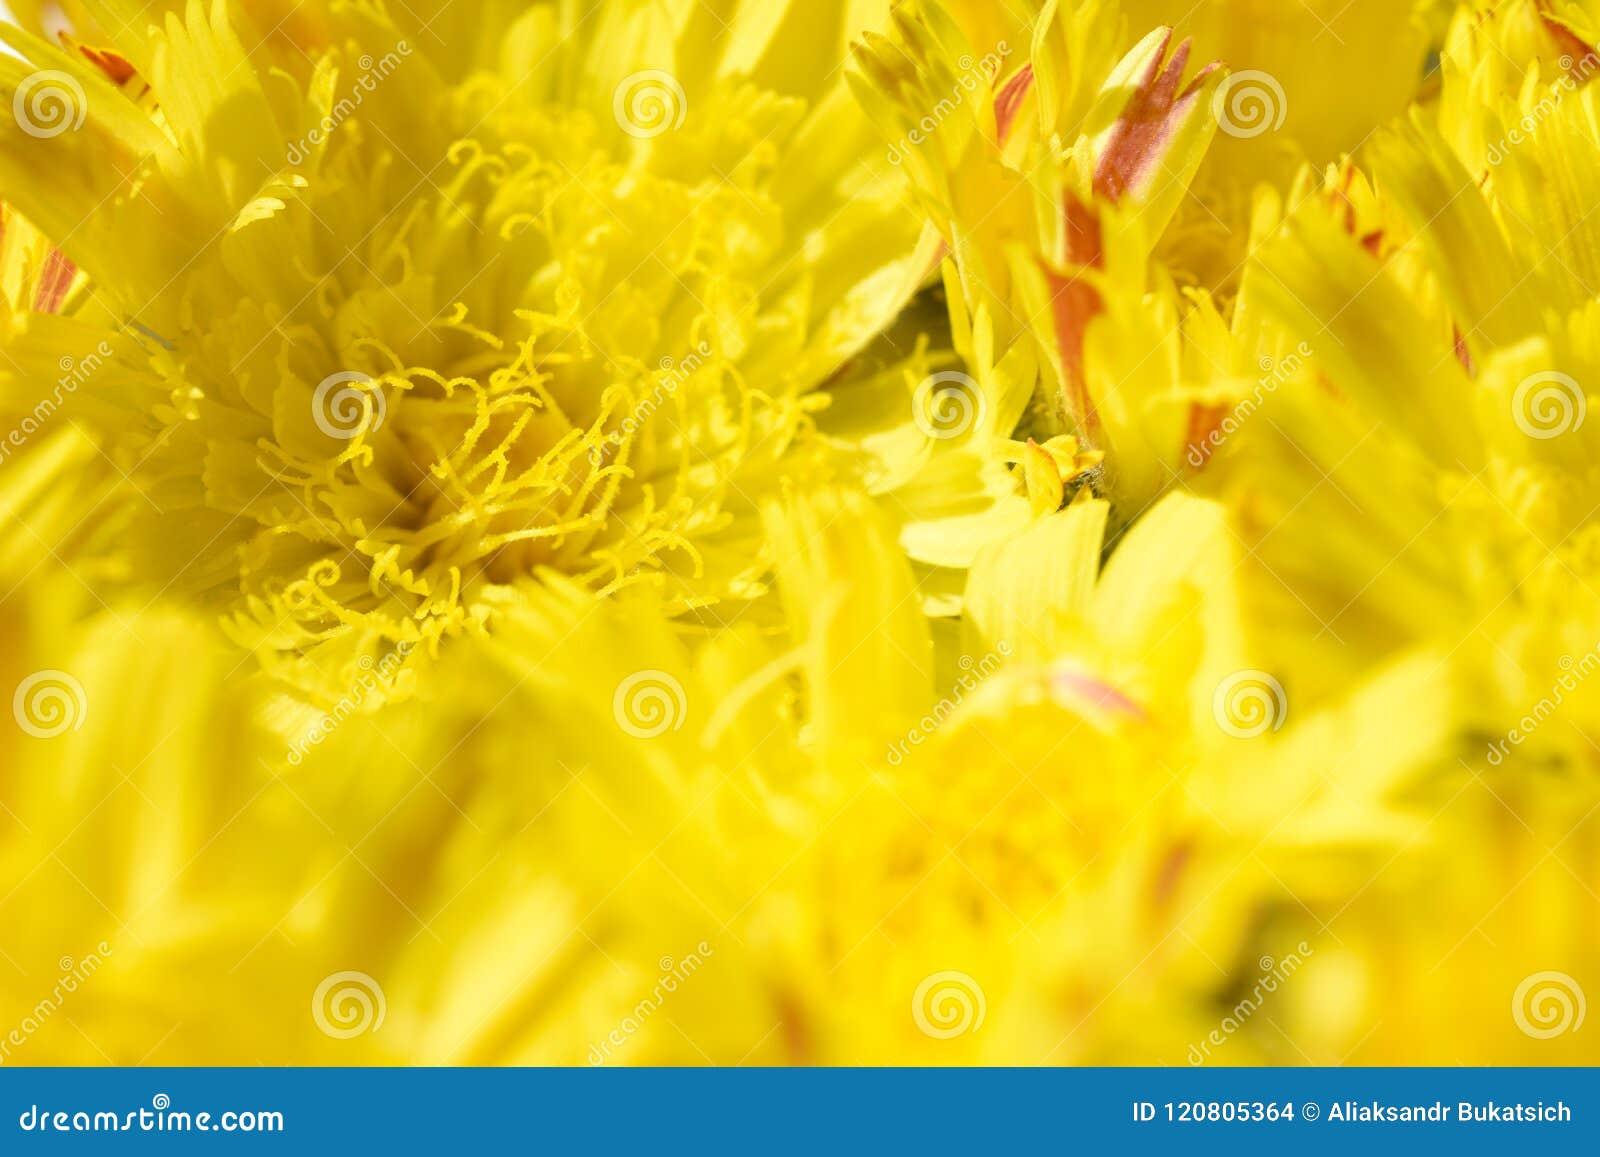 Fundo isolado da margarida amarela das flores com um núcleo amarelo e umas pétalas alaranjadas